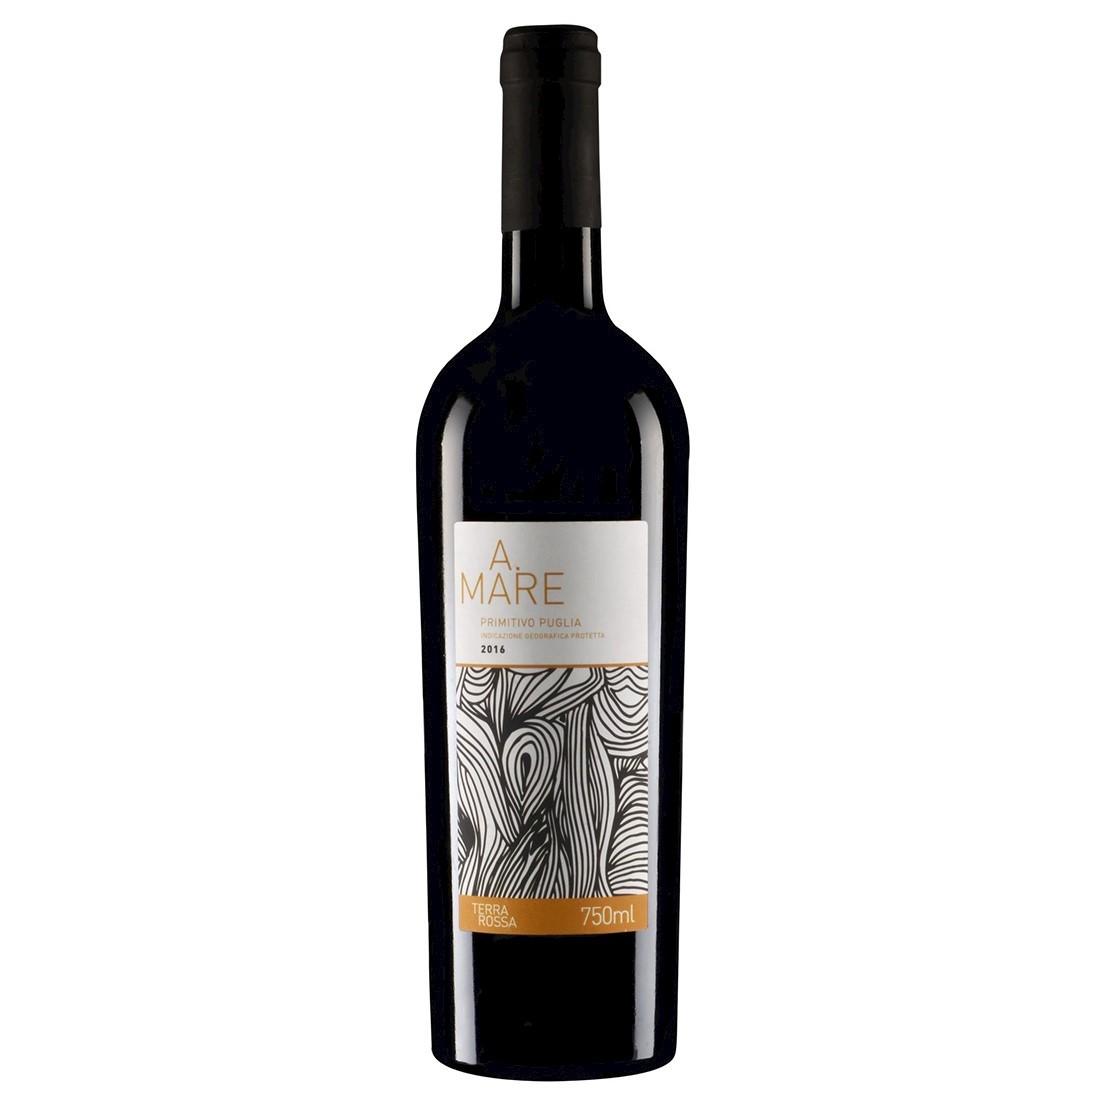 Vinho Italiano A.Mare Primitivo Puglia IGP 2016(750ml)